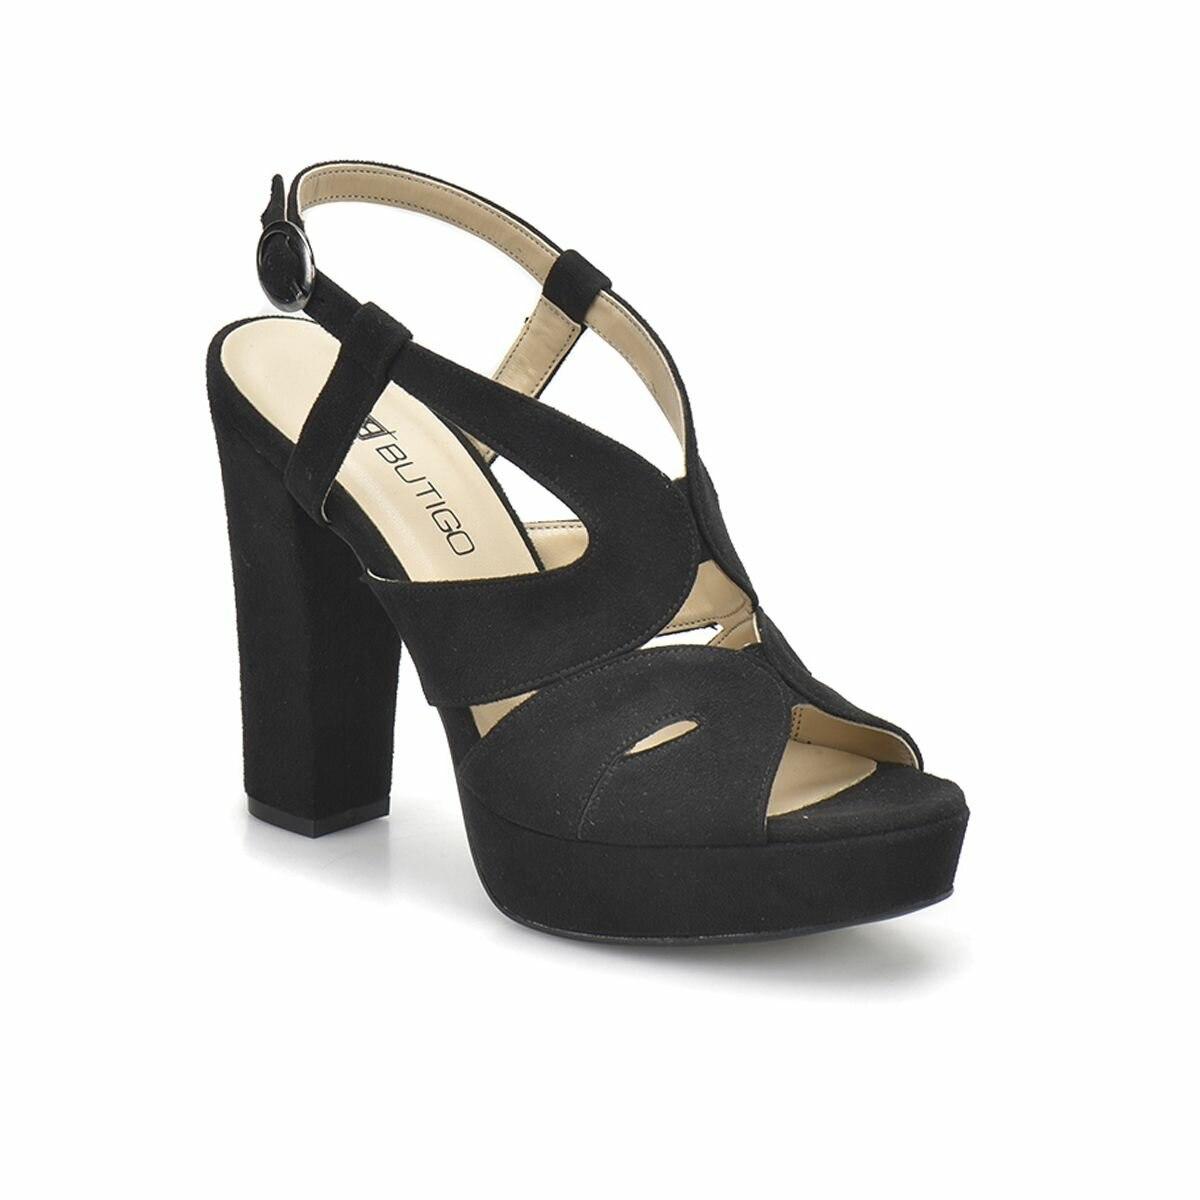 FLO 18S-141 Black Women Shoes BUTIGO